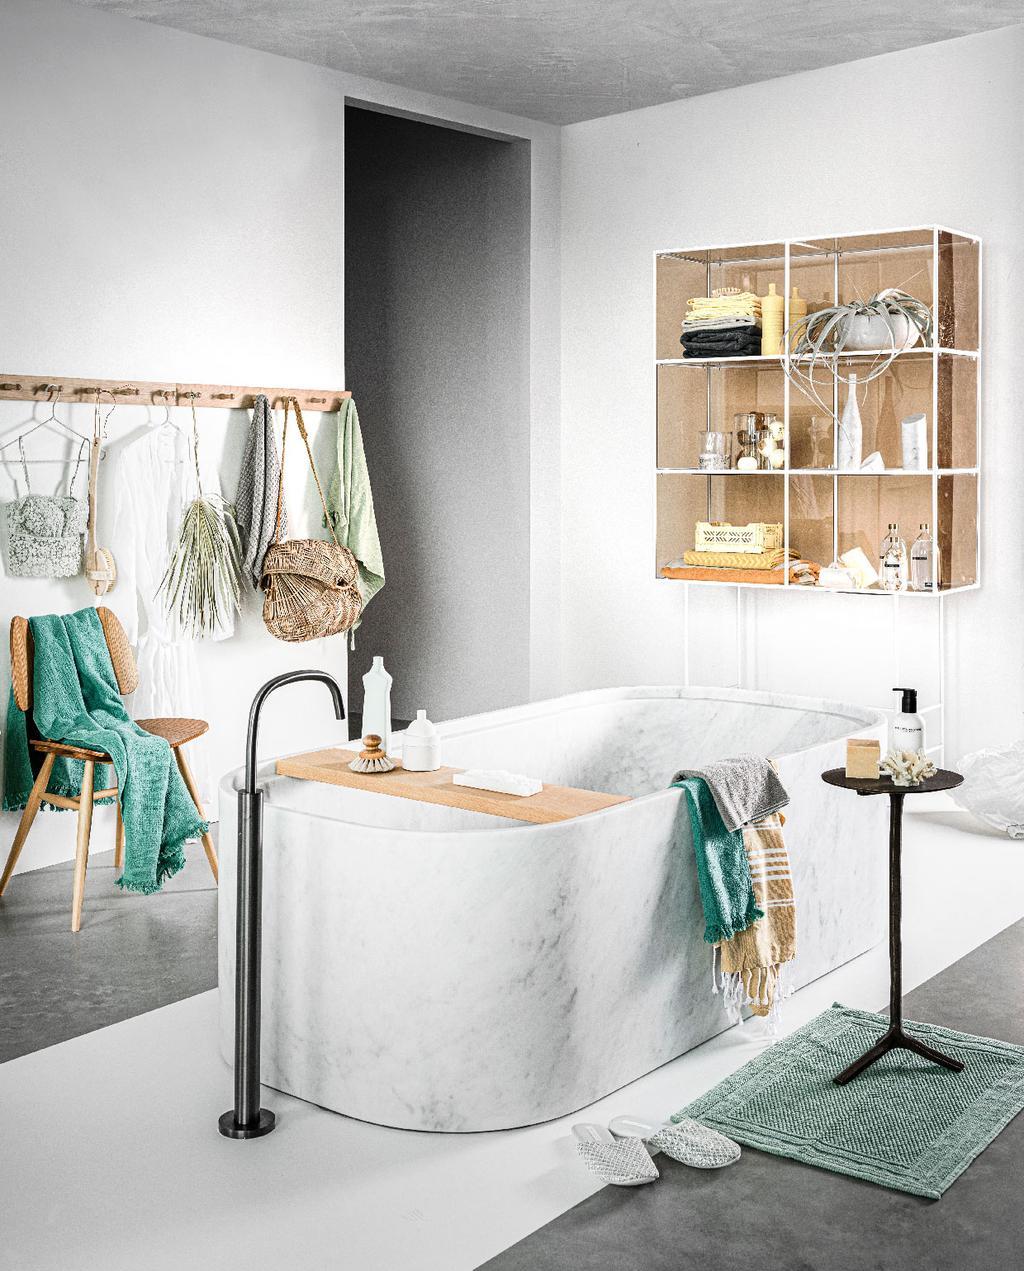 vtwonen 10-2020 | trendhuis liza bright bubble badkamer met marmeren bad